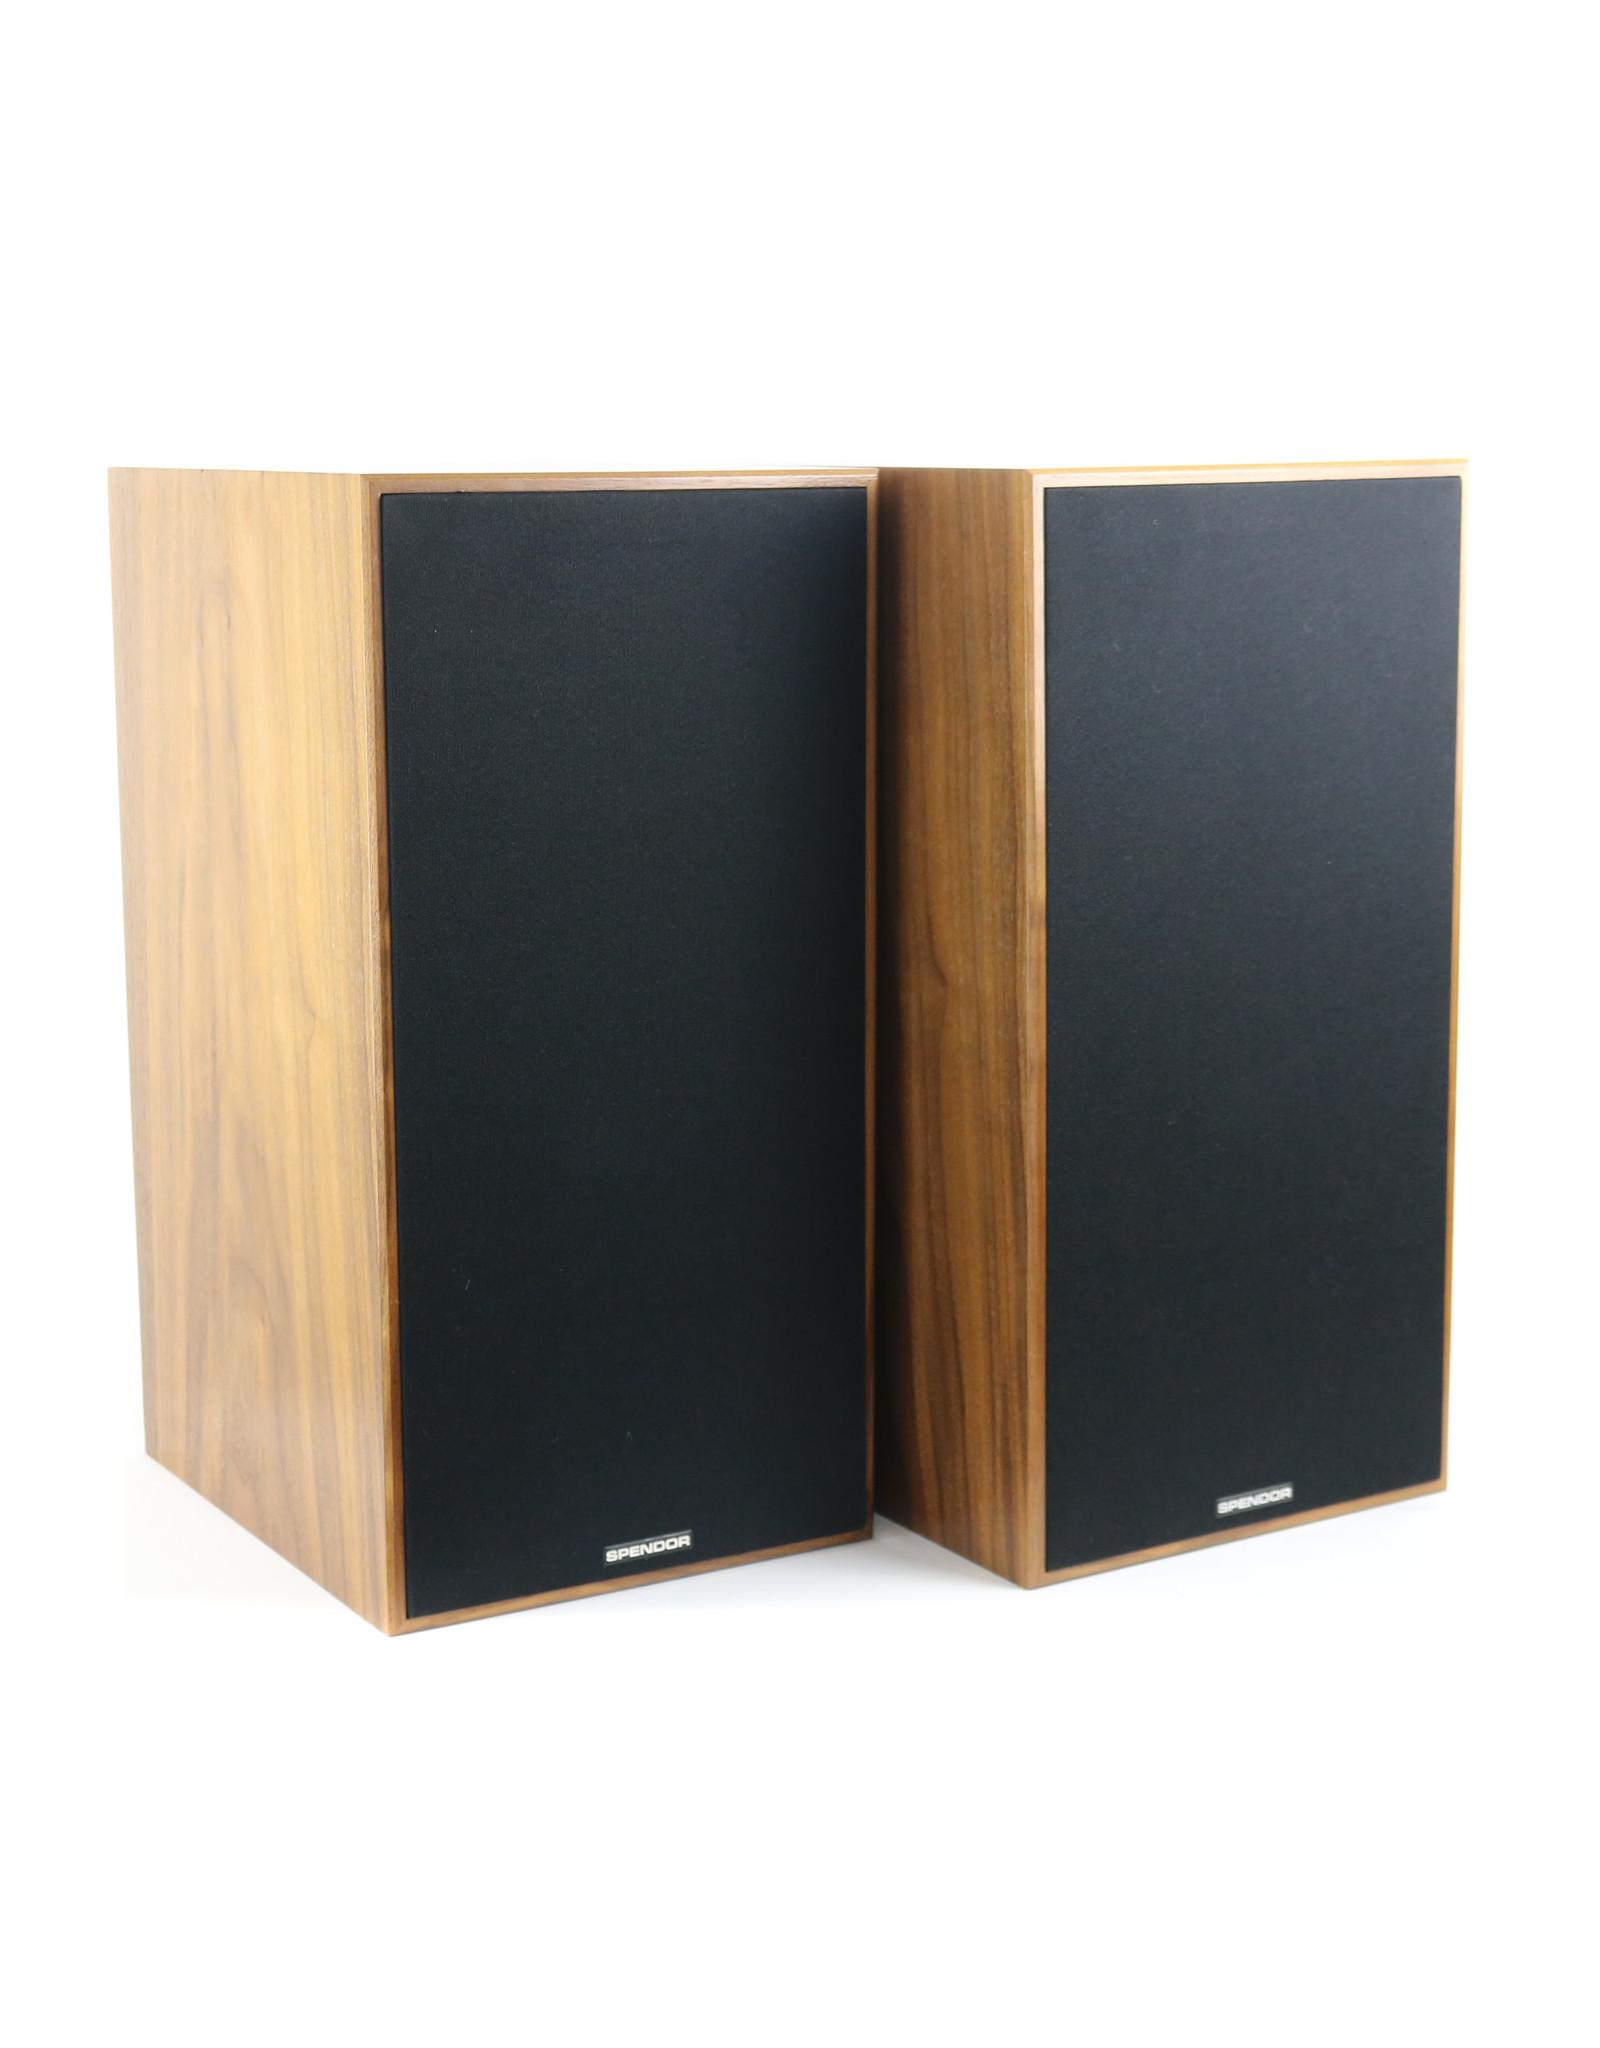 Spendor Spendor SP2/3 R2 Standmount Speakers USED